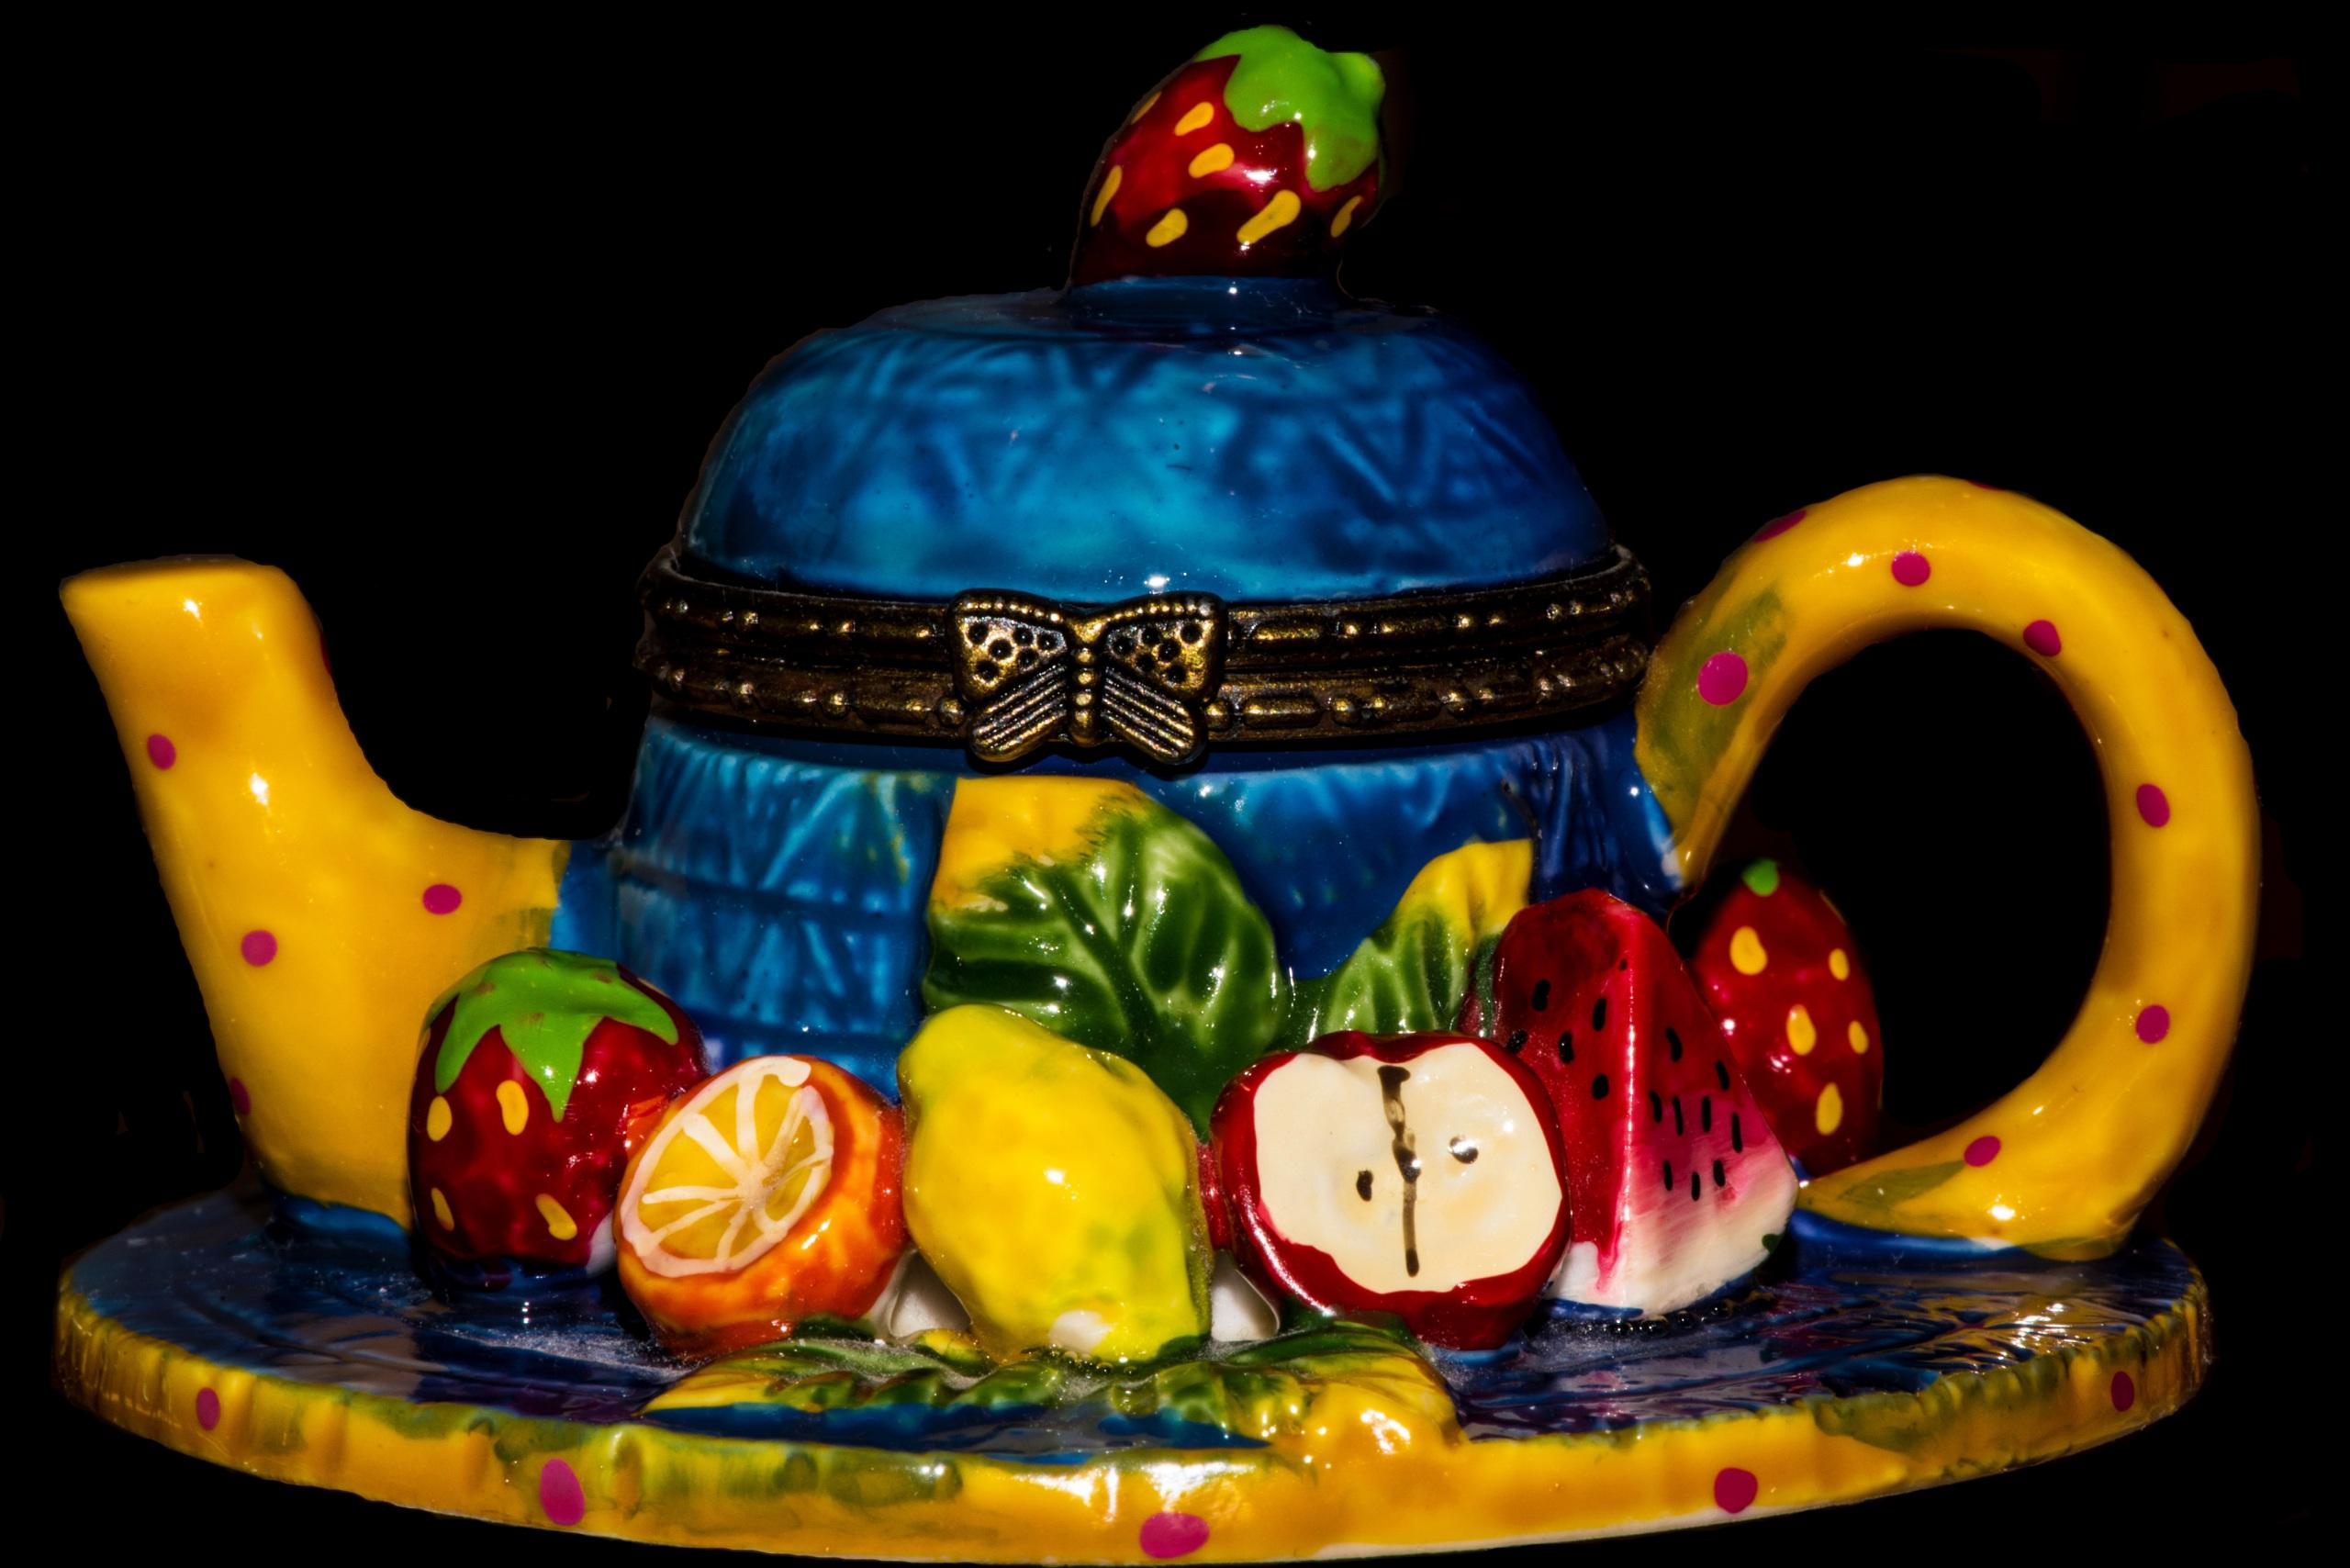 Обои для рабочего стола Торты Чайник Еда Фрукты Черный фон сладкая еда дизайна 2560x1708 Пища Продукты питания Сладости на черном фоне Дизайн